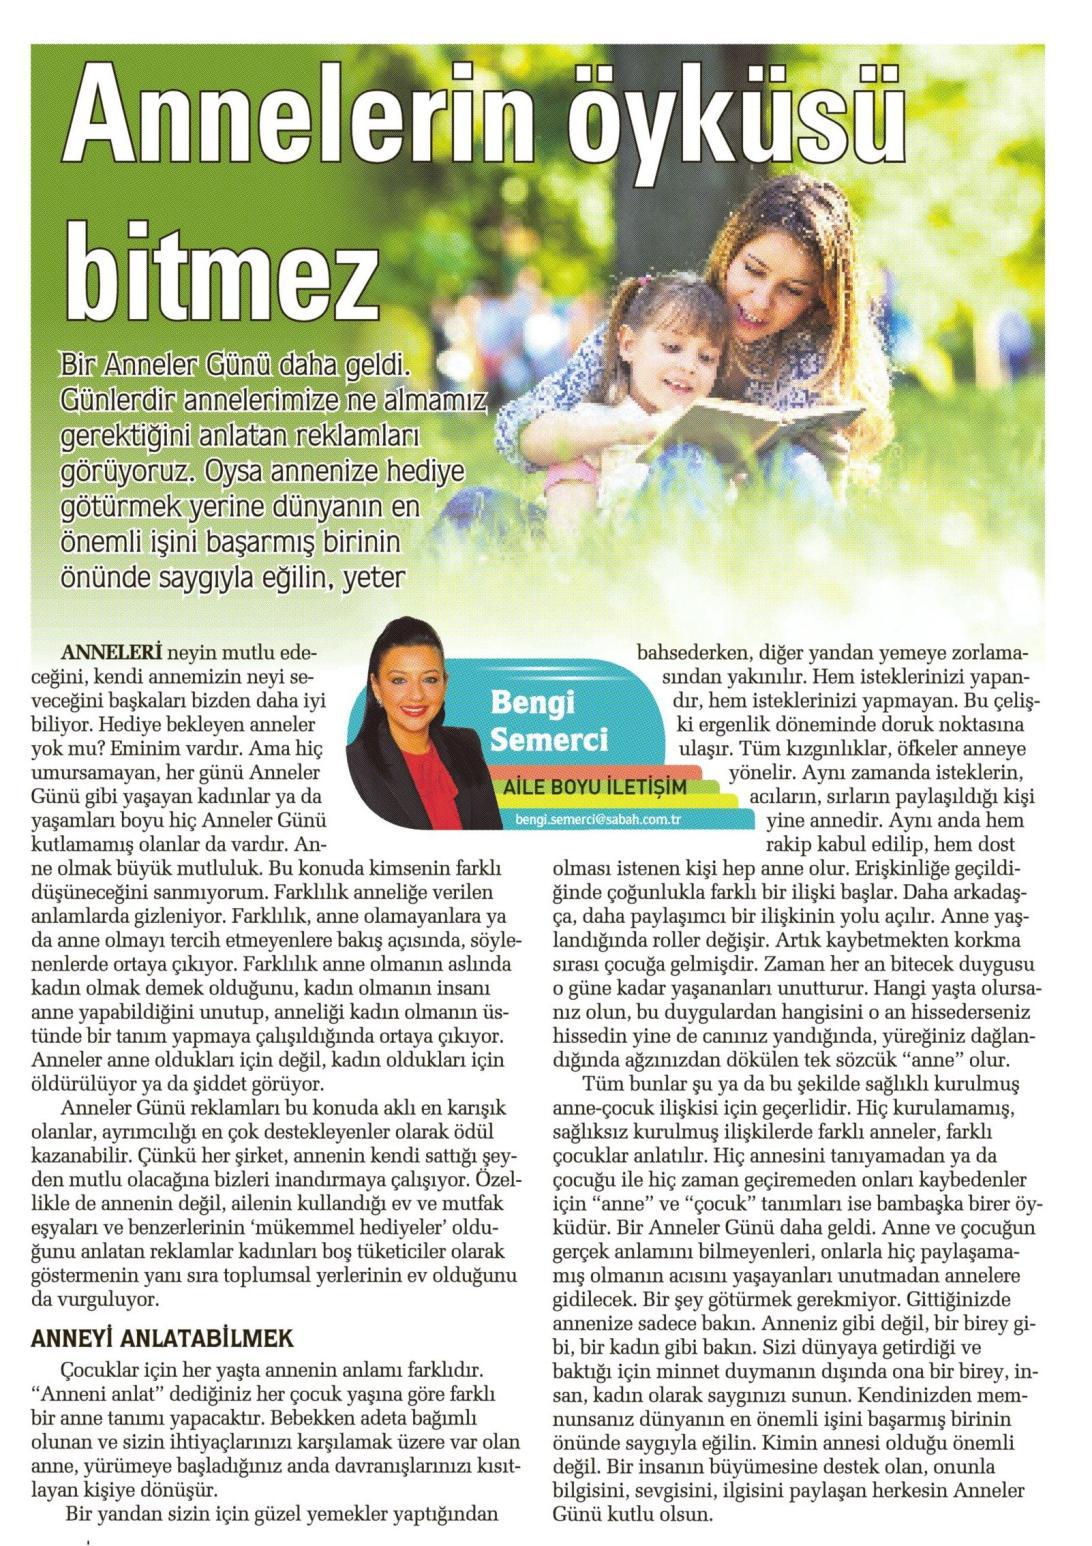 Annelerin öyküsü bitmez - SABAH CUMARTESİ 09.05.2015